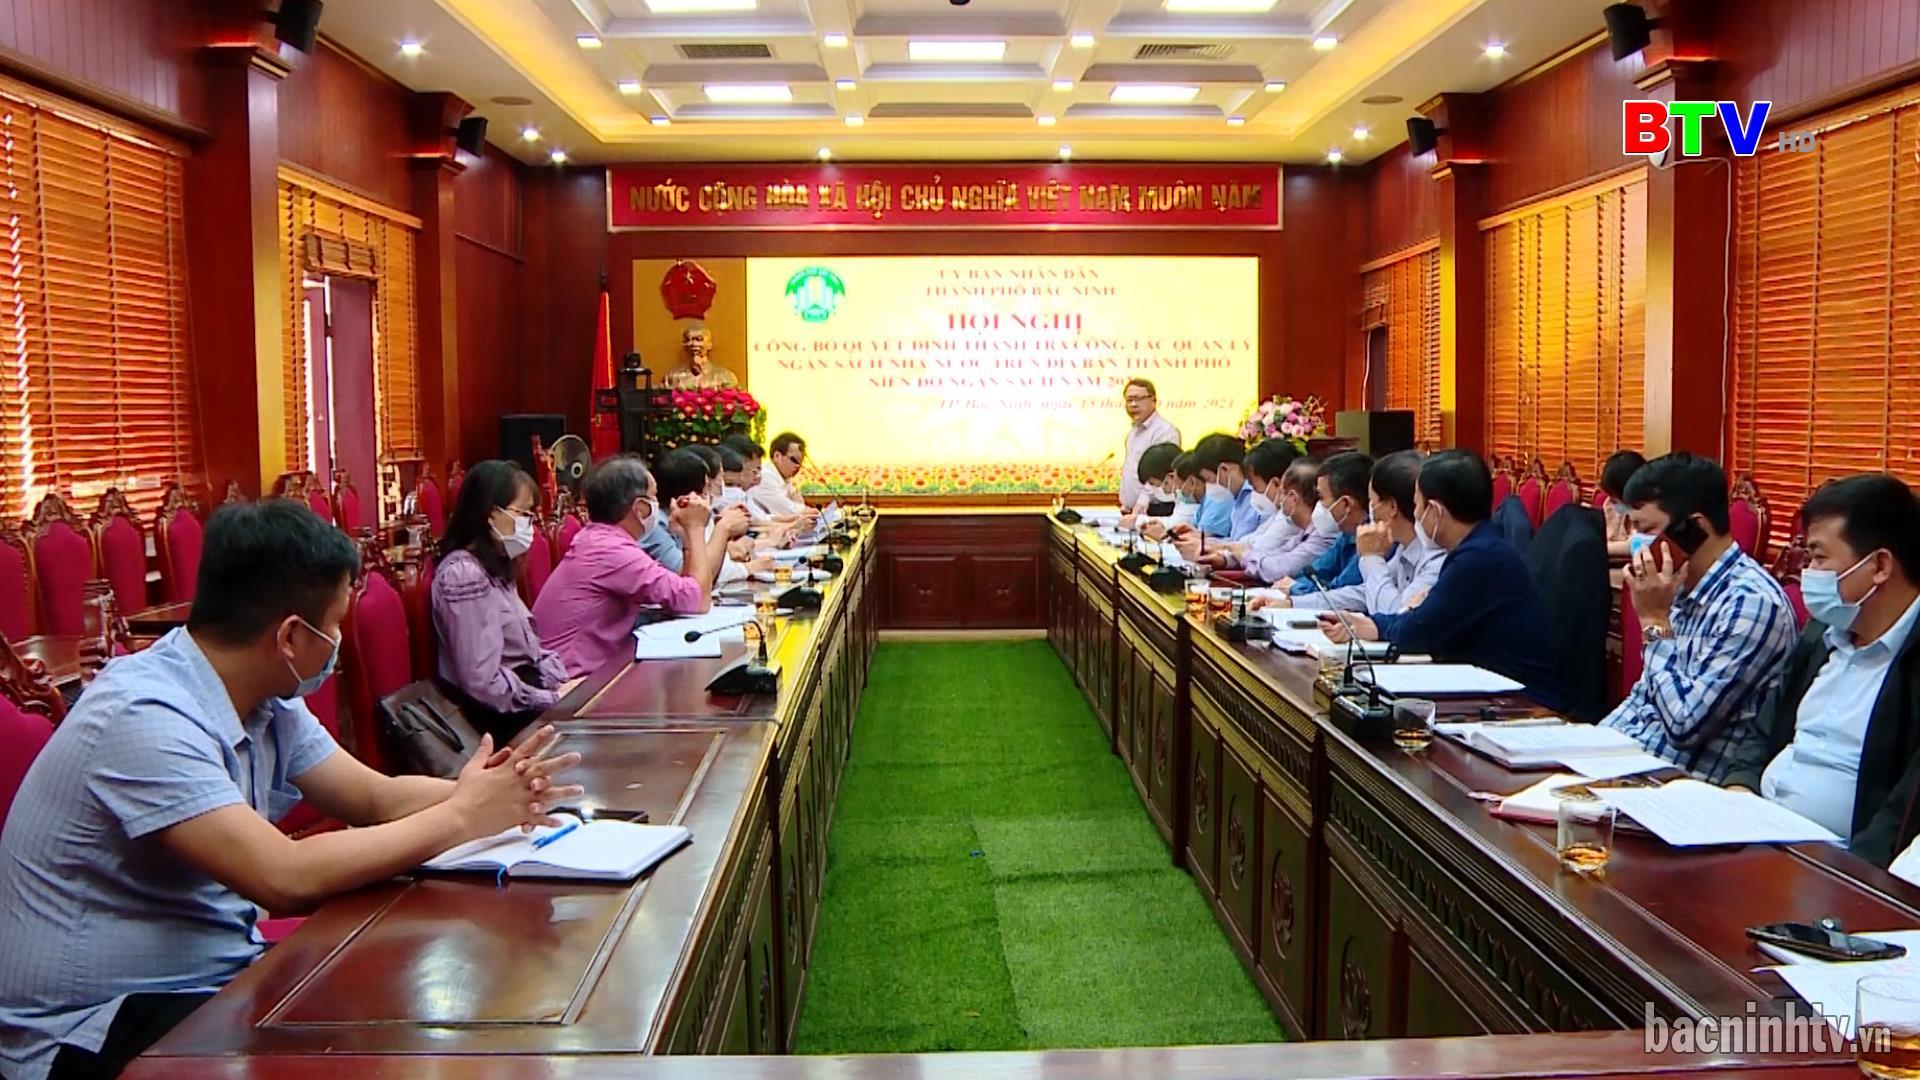 Công bố Quyết định thanh tra công tác quản lý ngân sách Nhà nước trên địa bàn thành phố Bắc Ninh